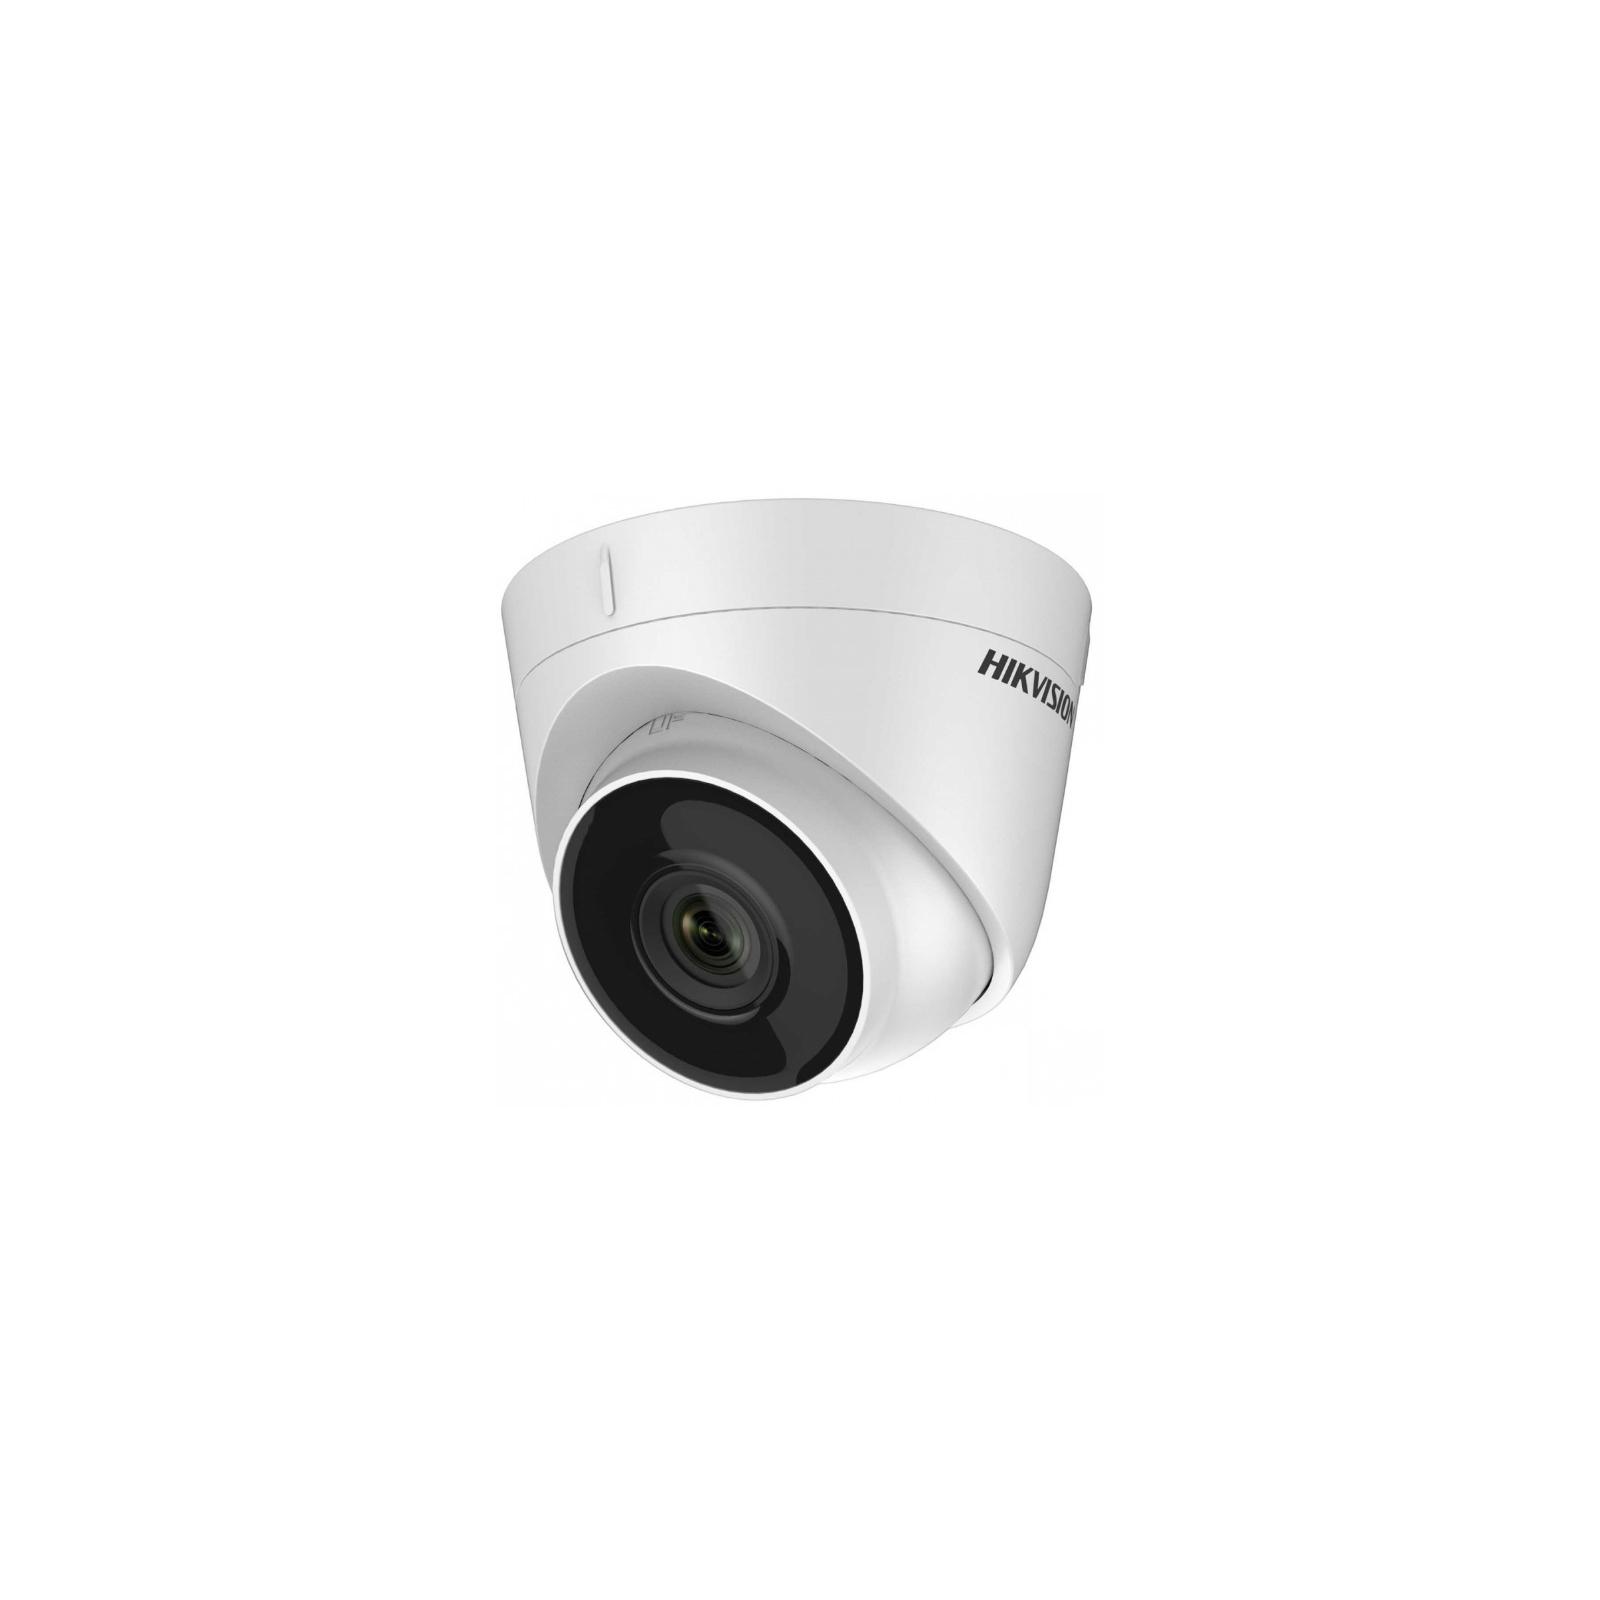 Камера видеонаблюдения HikVision DS-2CD1323G0-I (2.8) изображение 3